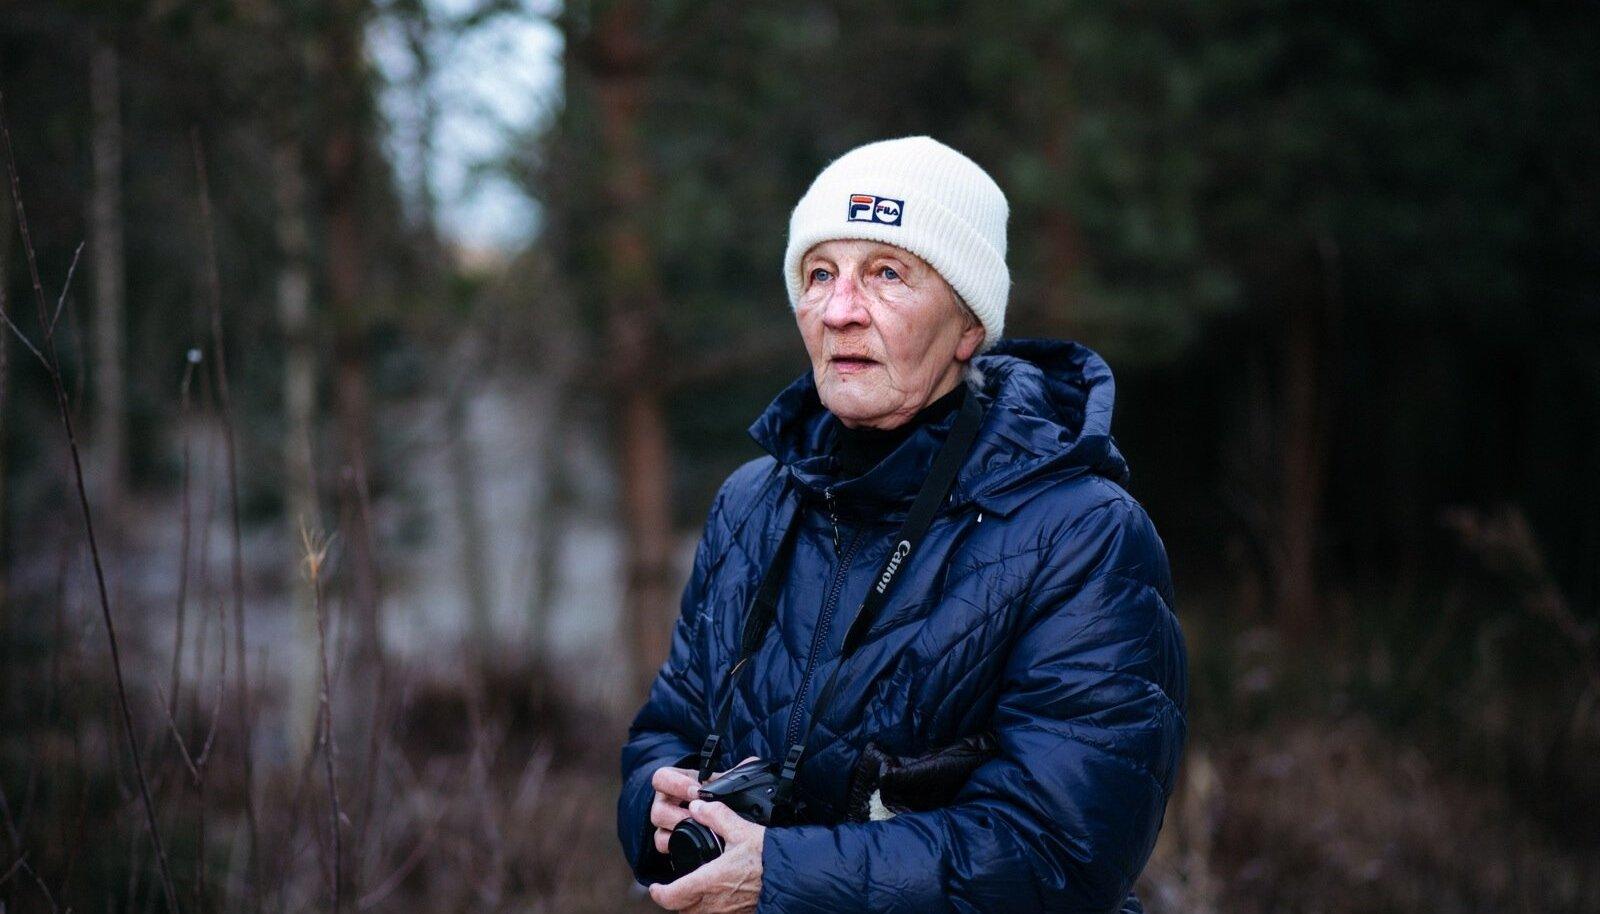 Leili Mihkelson käib metsas iga päev. Pildistab, vaatleb, vaatab, kuulab, mõtiskleb. See on kvaliteetaeg, mida peab tunnetama.